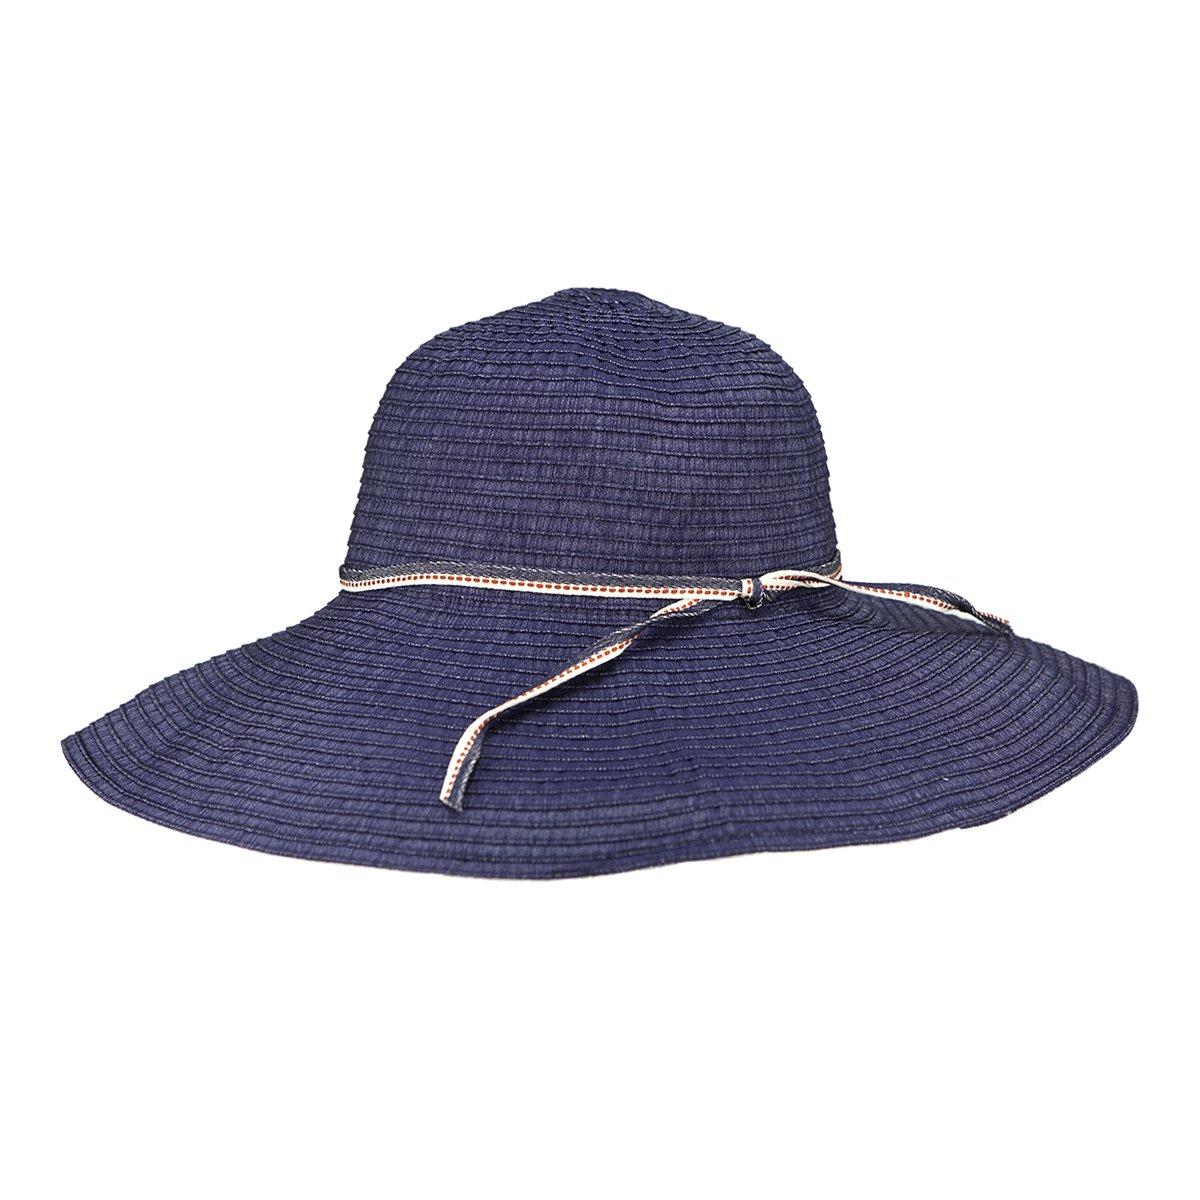 Peter Grimm Womens Janet Resort Sun Hat - Navy